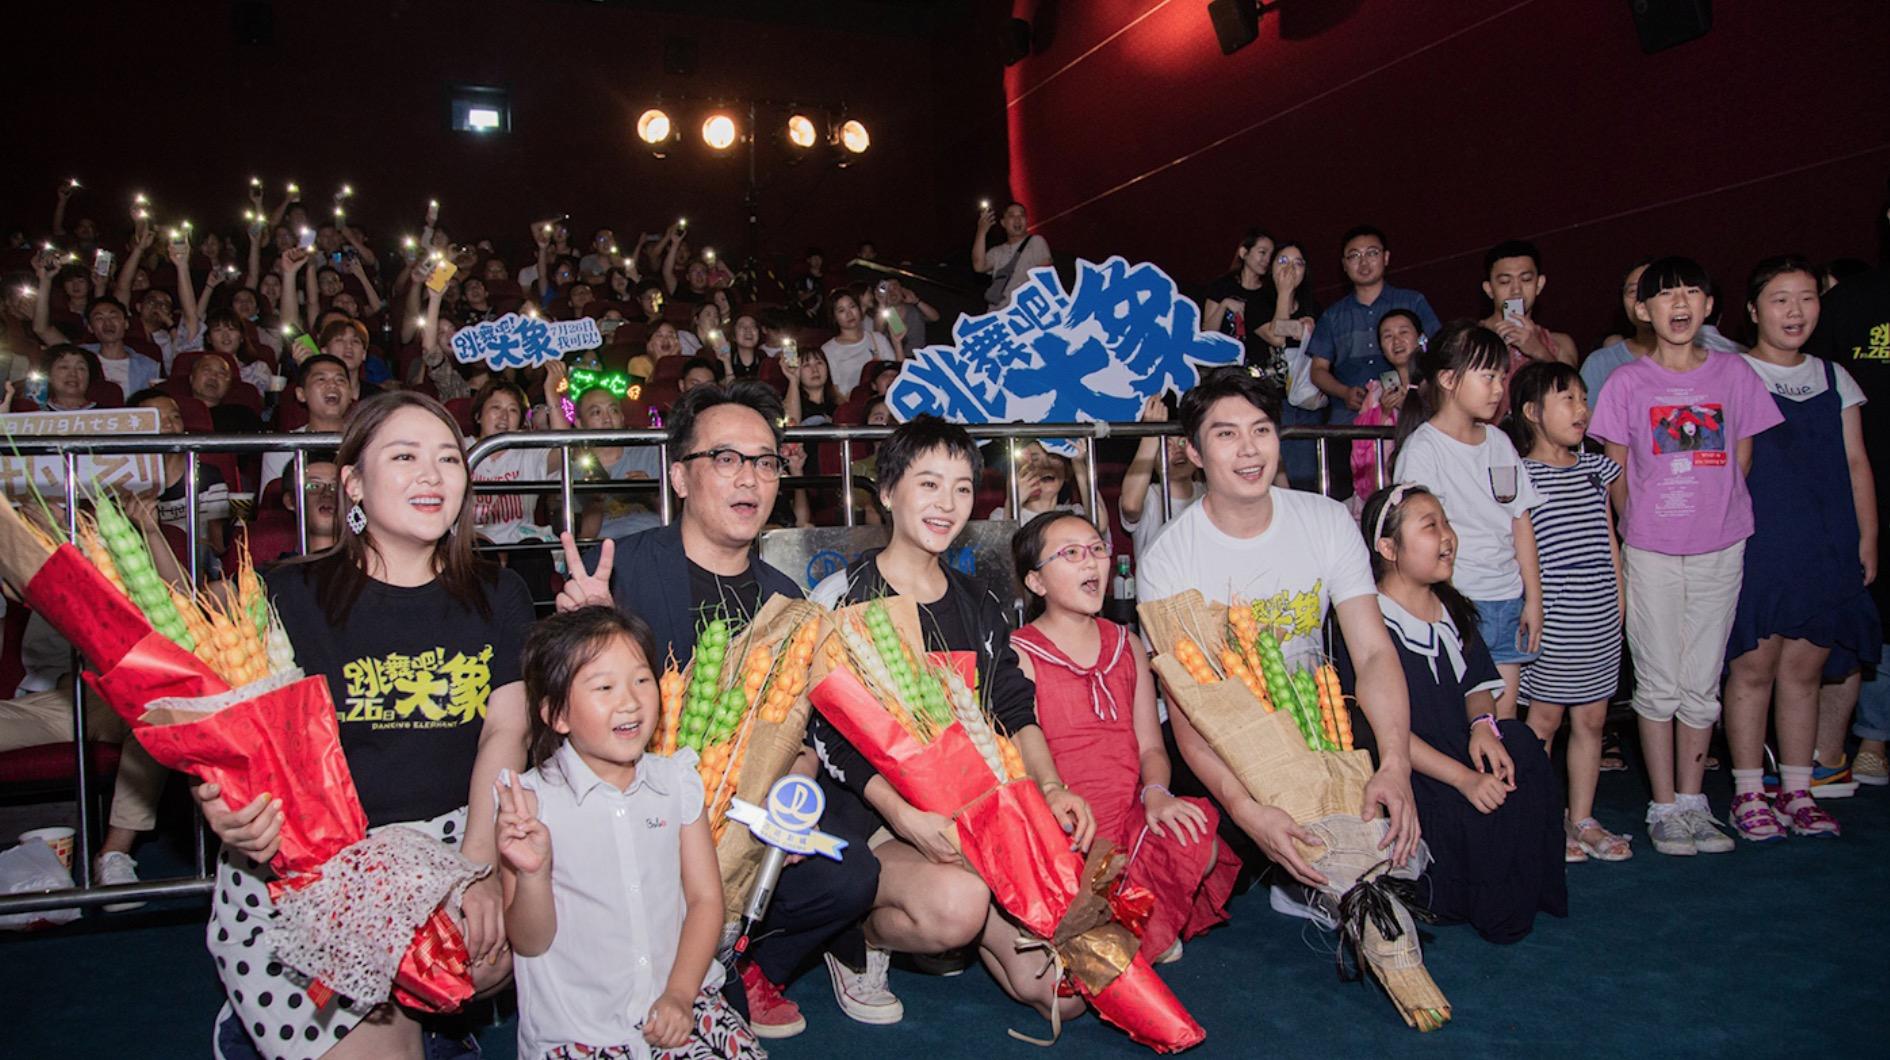 南京建鄴萬達影城舉辦《跳舞吧!大象》見面會